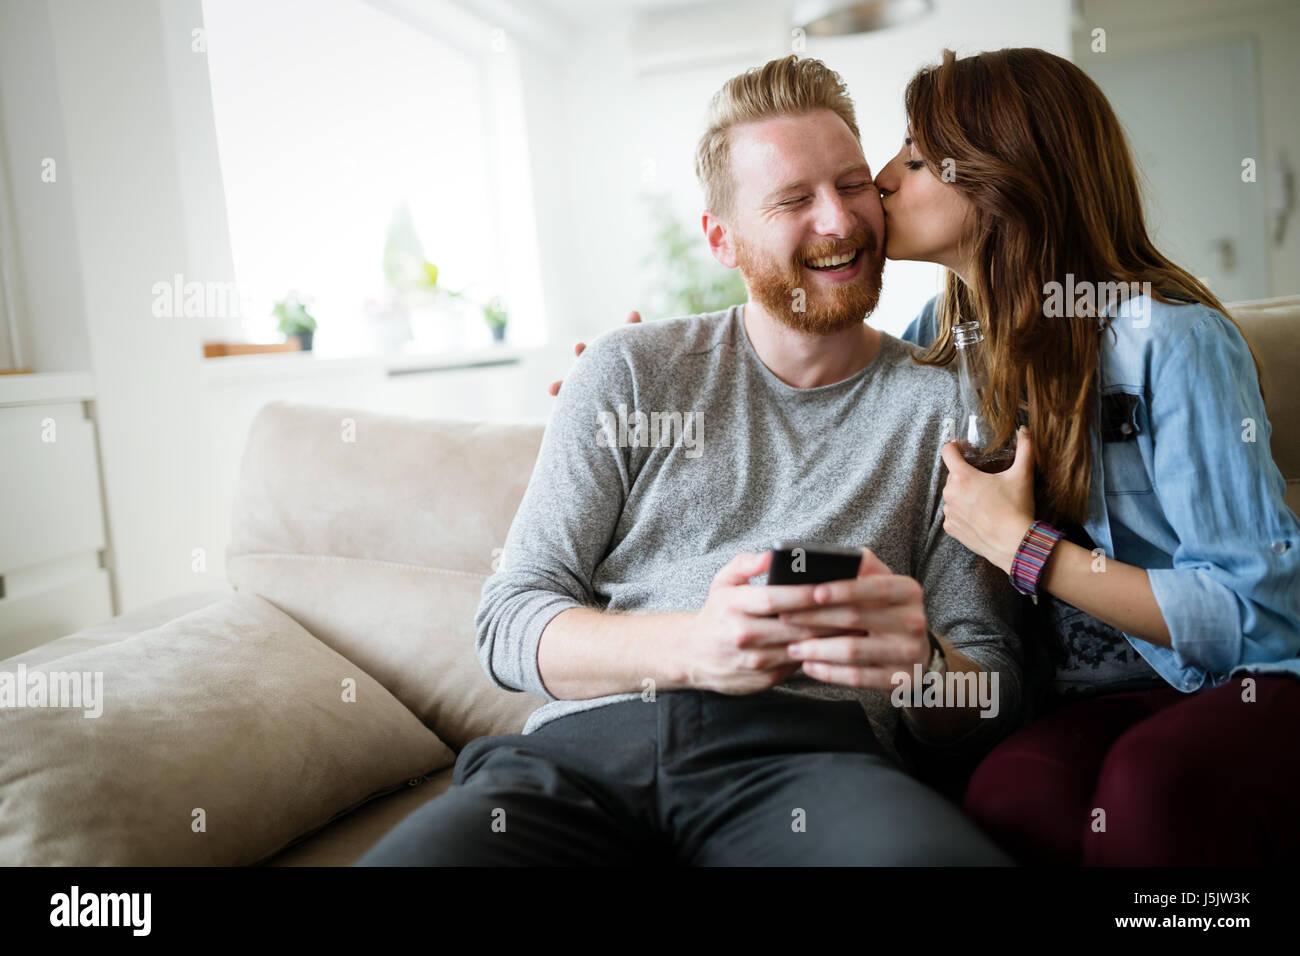 Romântico jovem casal expressar o seu amor beijando Imagens de Stock